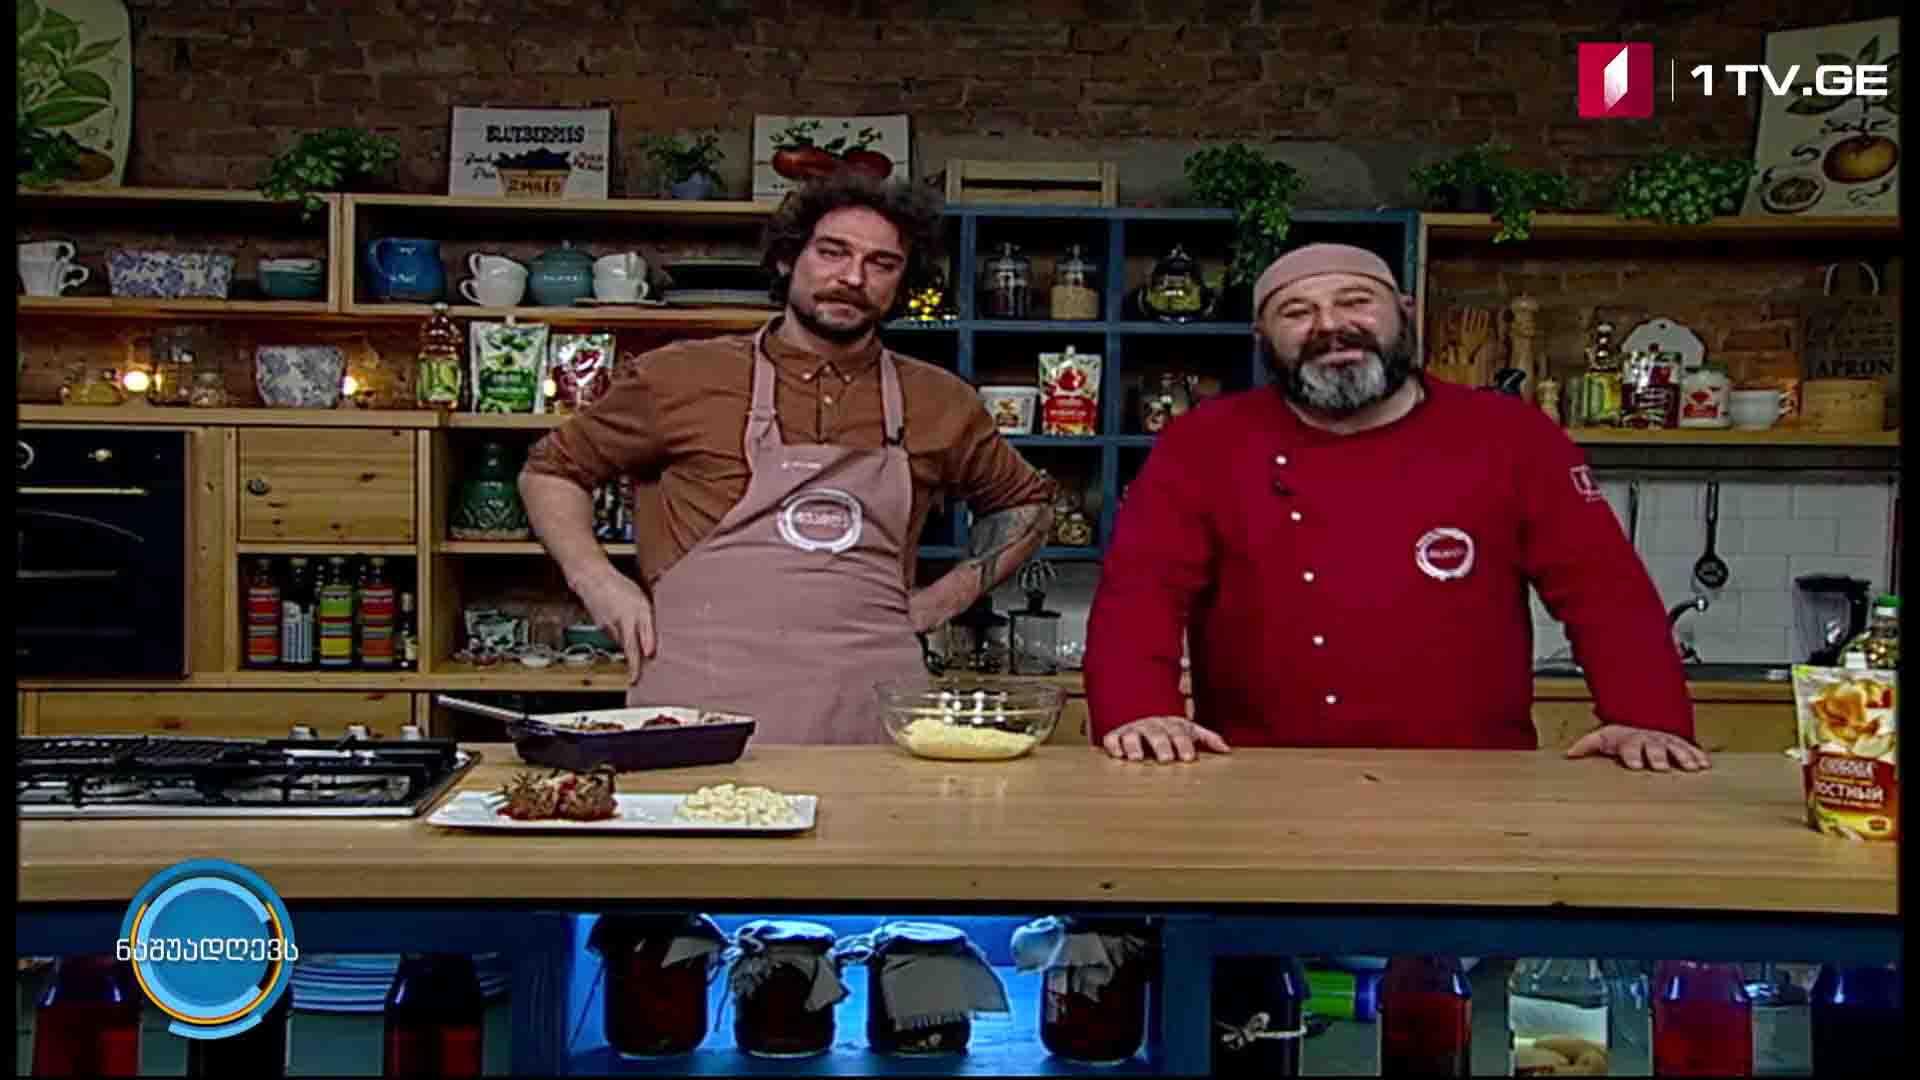 მანჯის სამზარეულო - ნიოკი და ხორცის ბურთულები